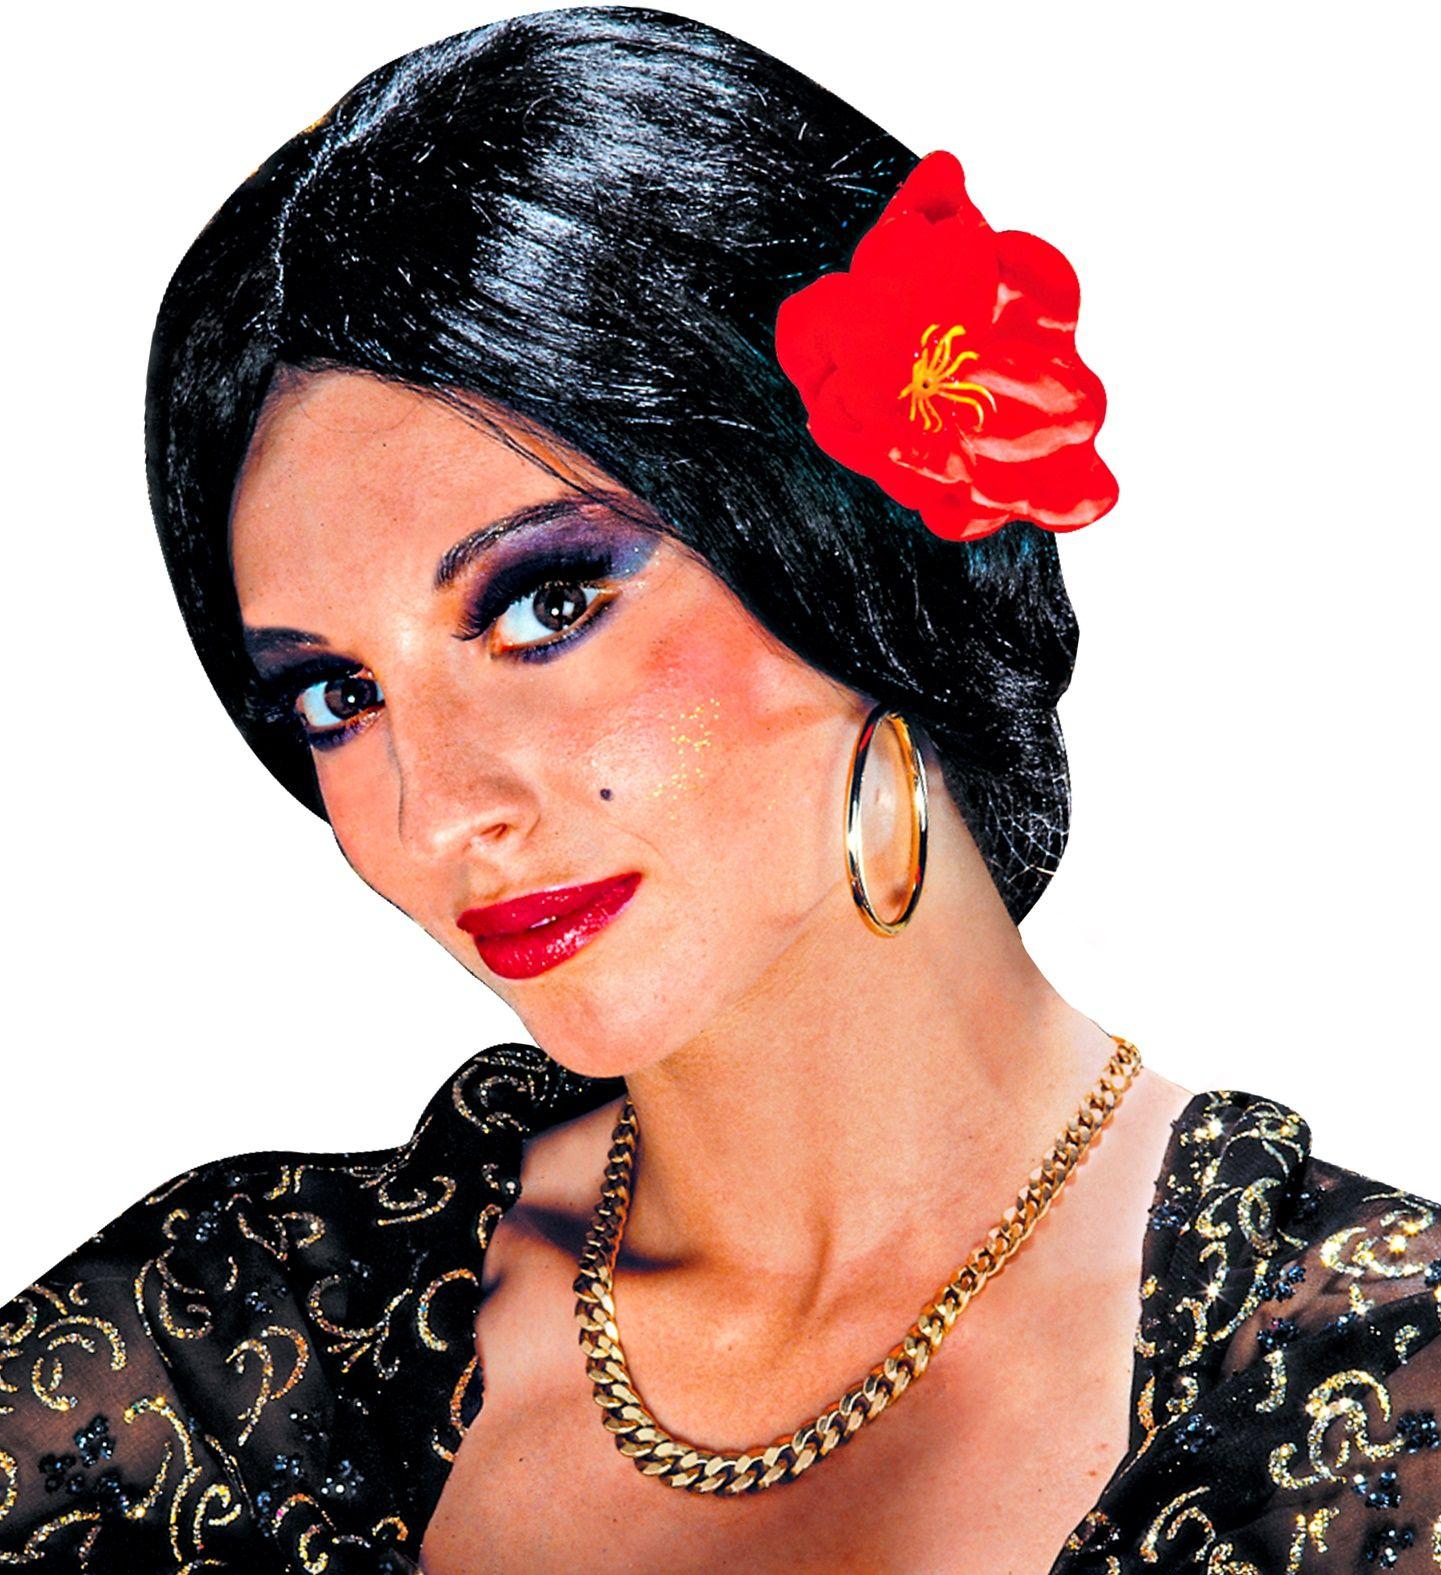 Zwarte flamenco danseres pruik